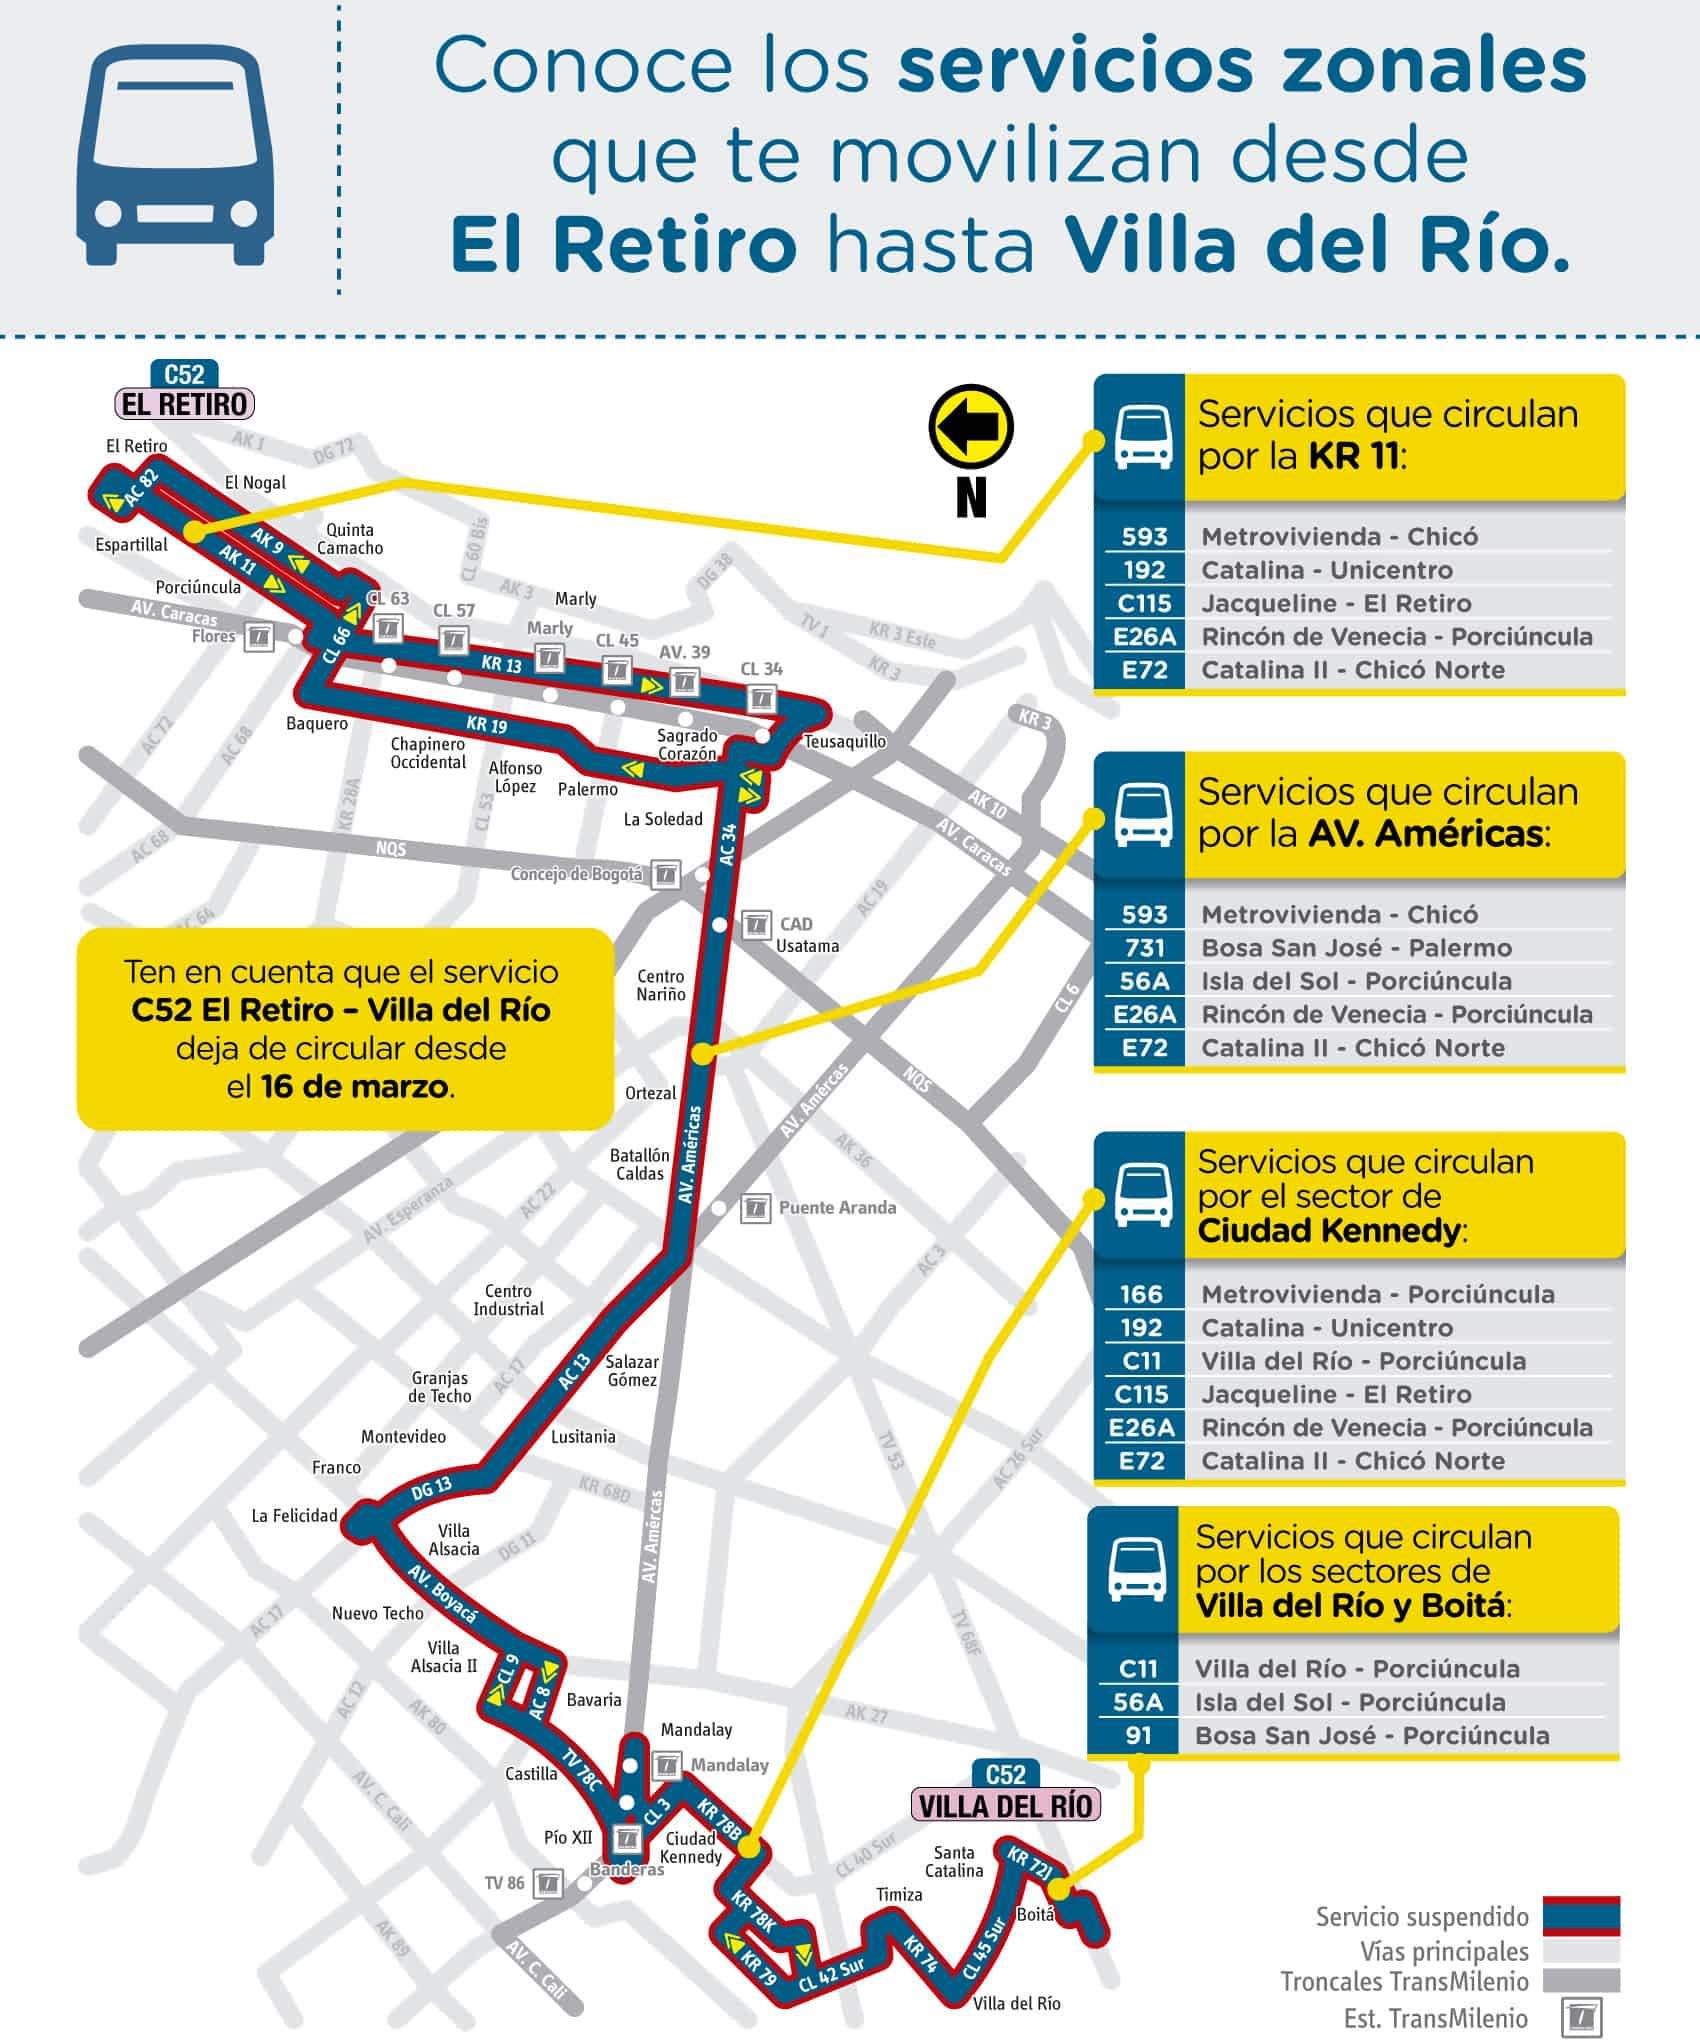 Rutas alternativas a la urbana C52 El Retiro - Villa del Río